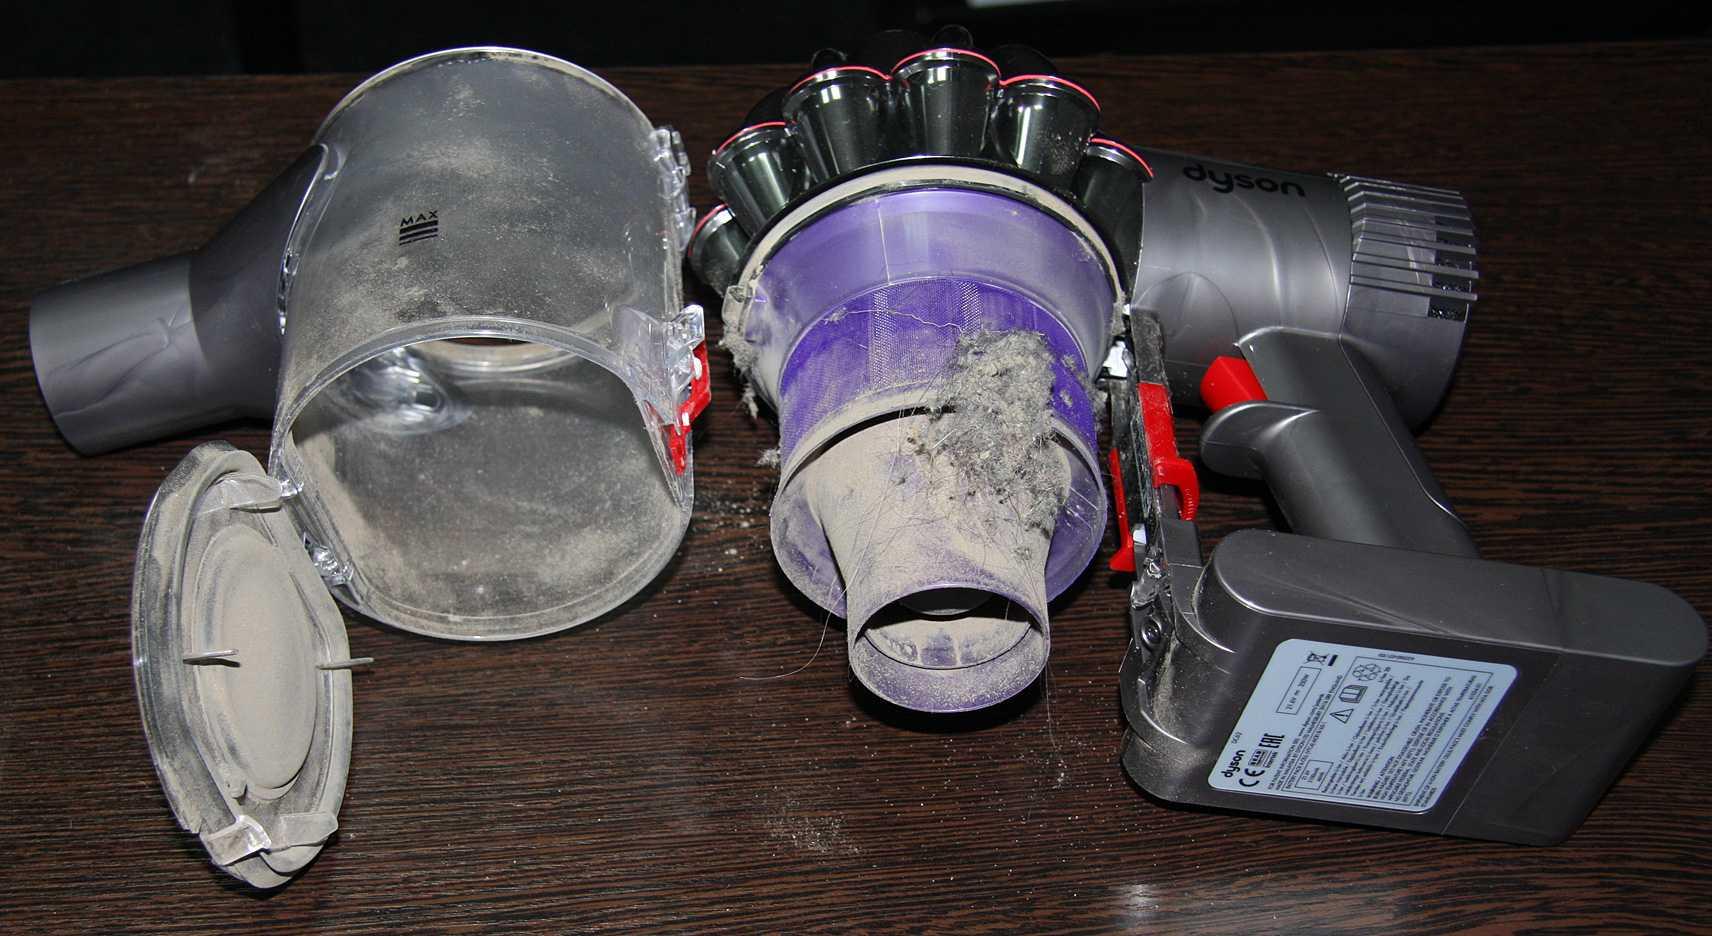 чистка фильтров dyson